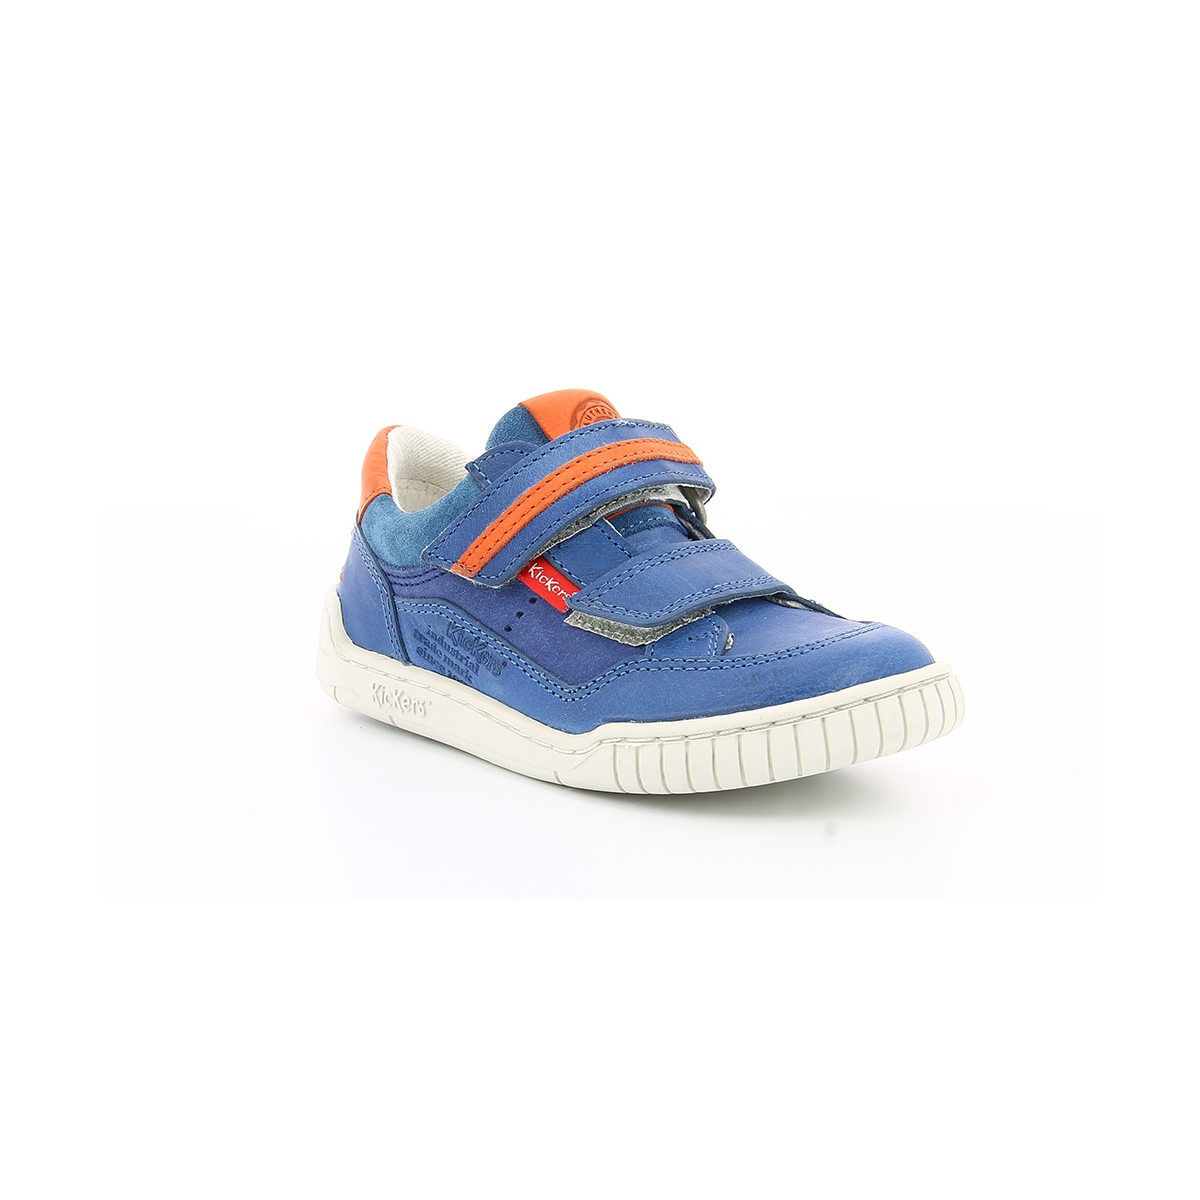 chaussures enfant wikette bleu orange kickers. Black Bedroom Furniture Sets. Home Design Ideas